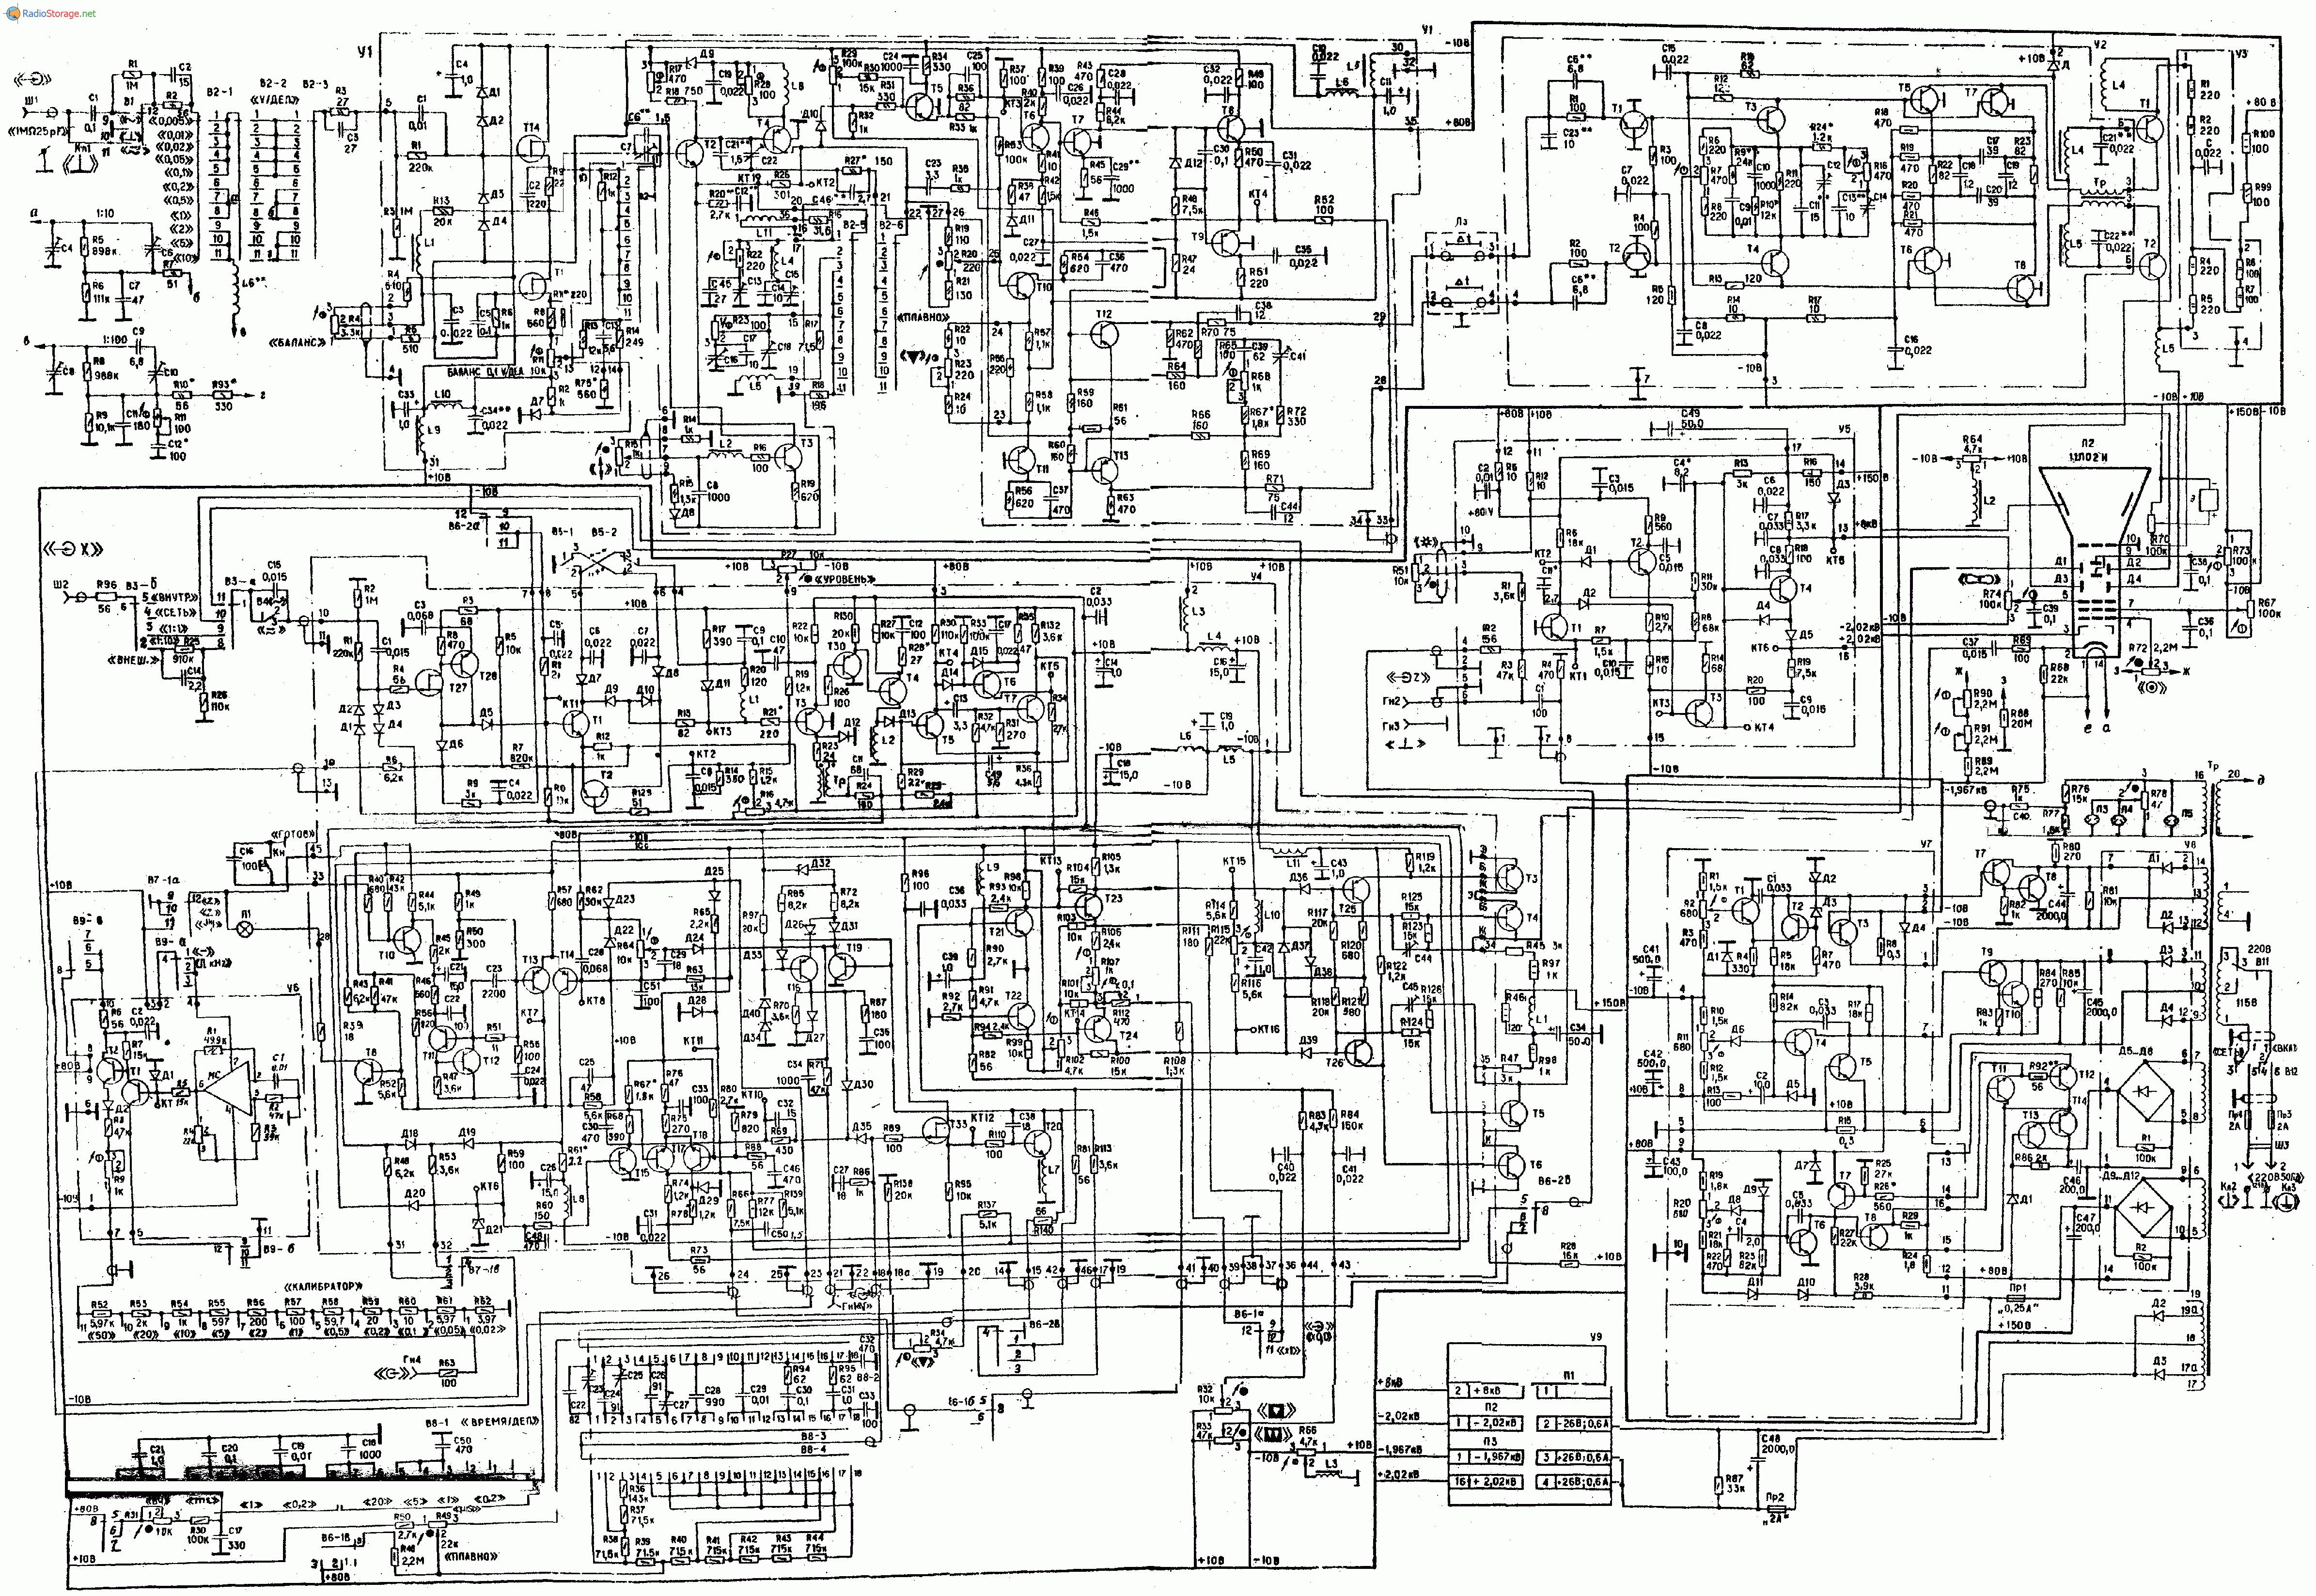 Осциллограф С1-64, схема